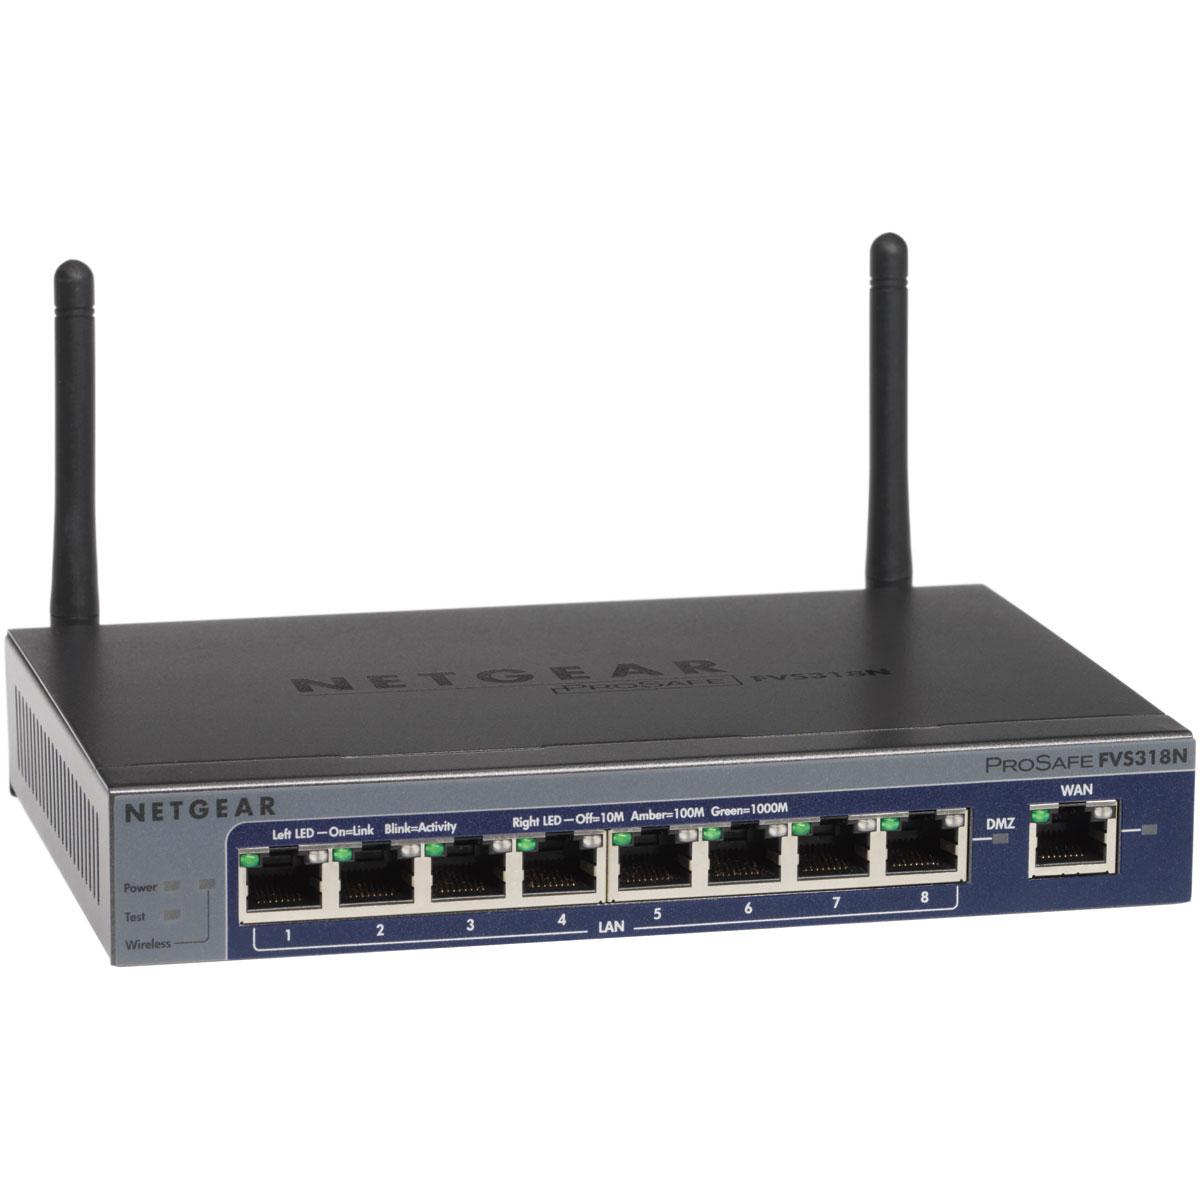 routeur netgear prosafe